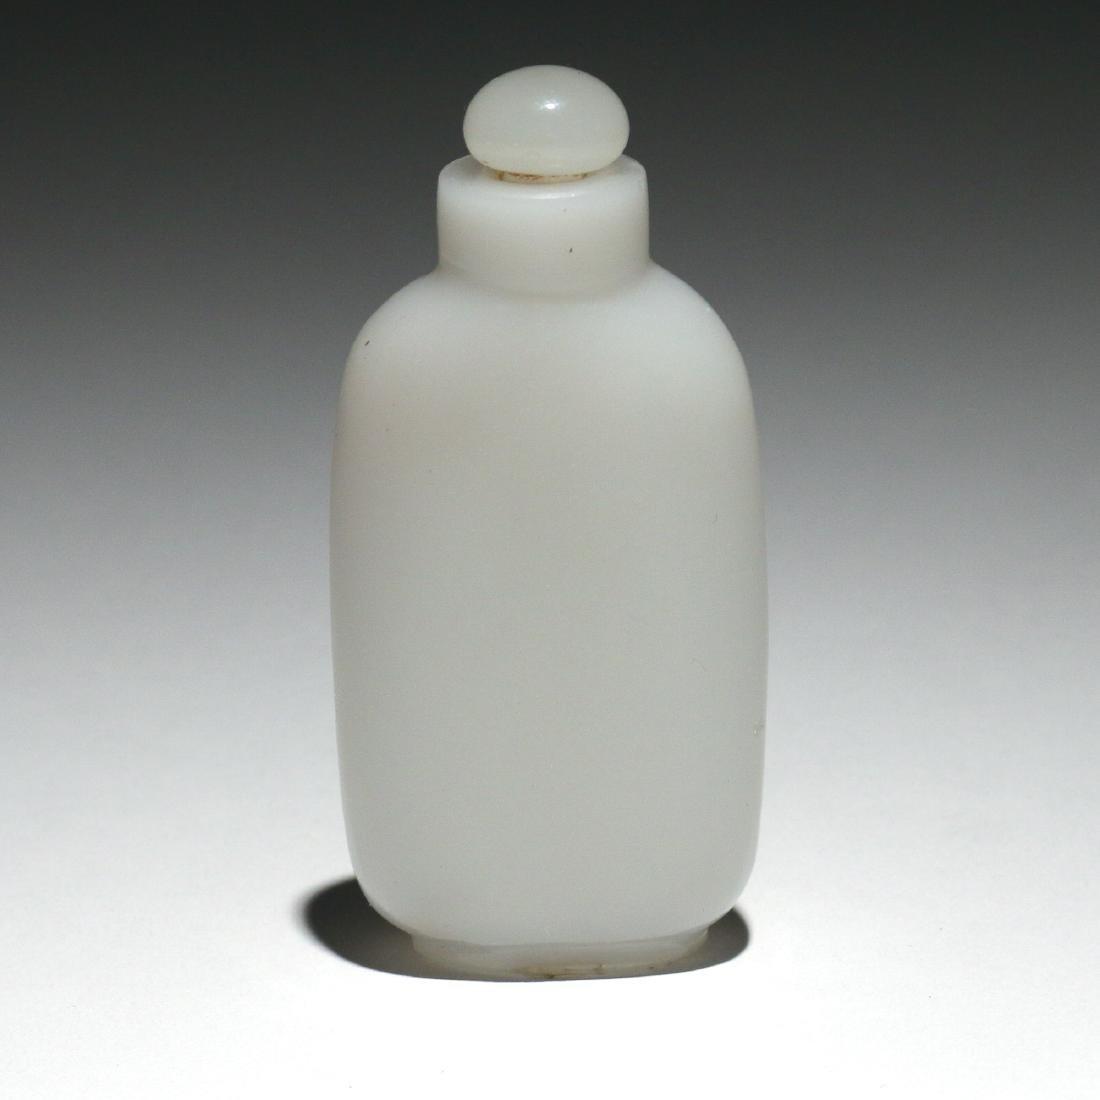 CHINESE WHITE HARDSTONE SNUFF BOTTLE